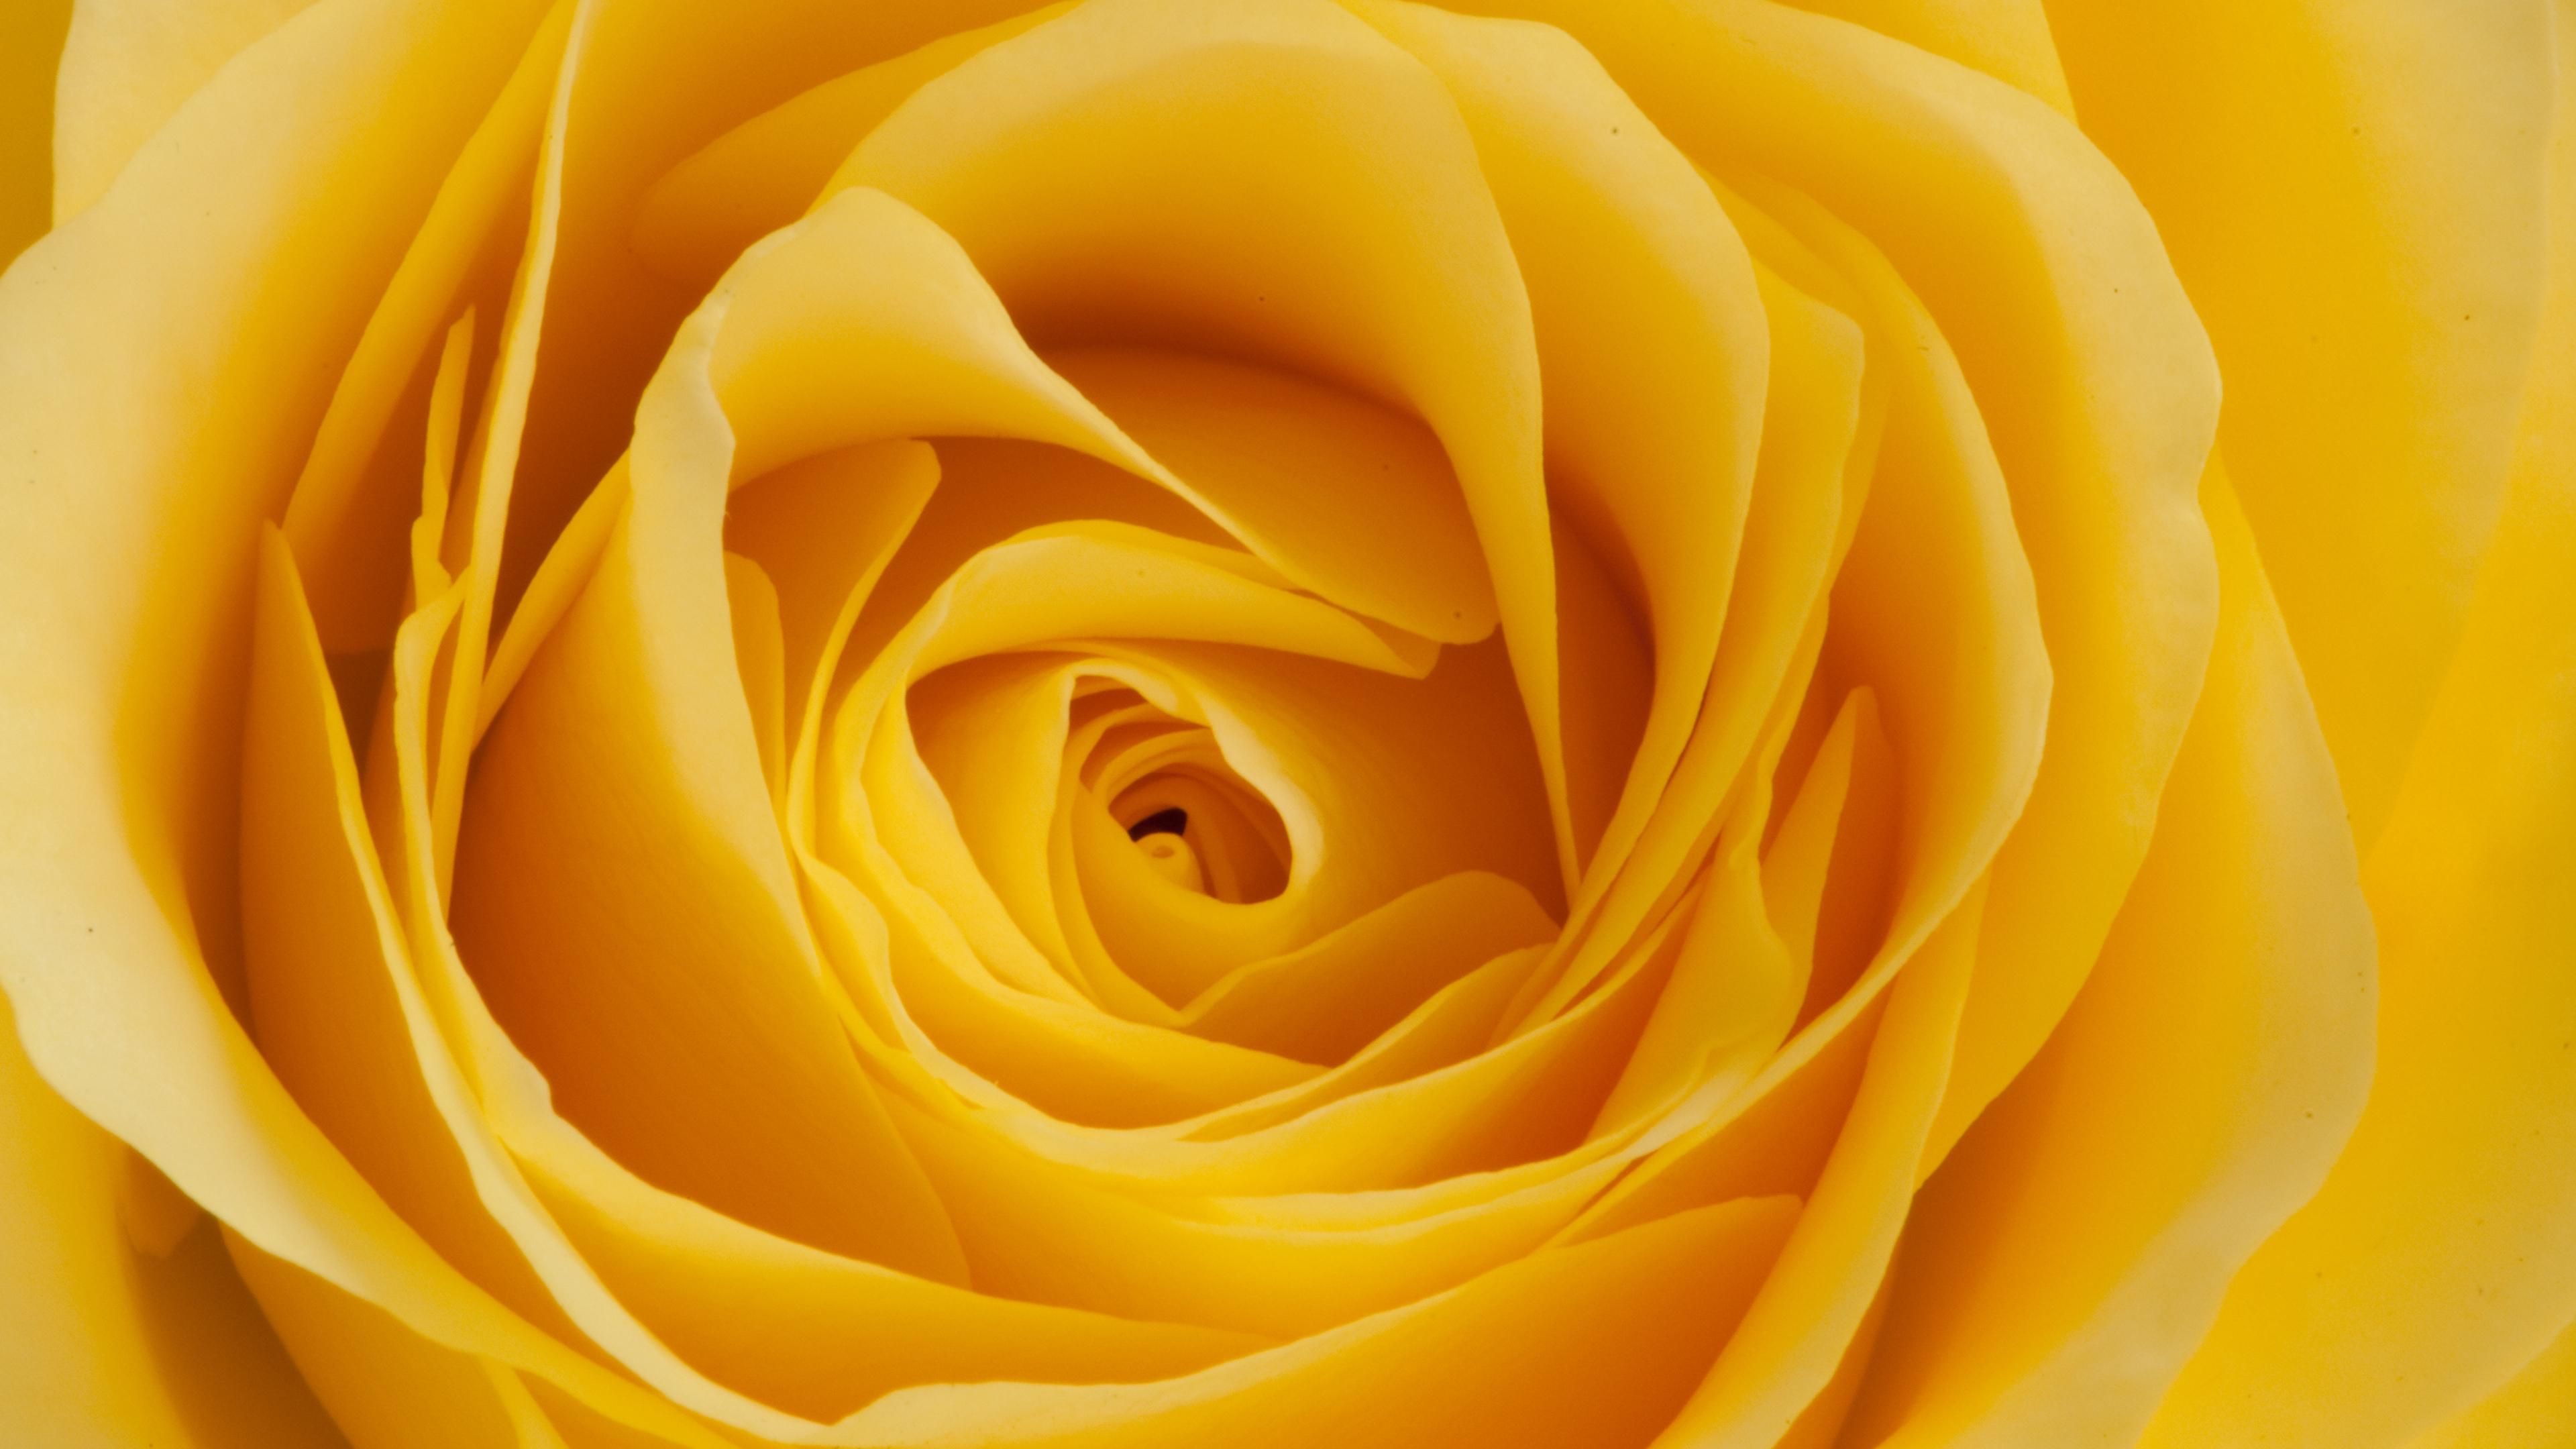 rose yellow bud petals macro 4k 1540065028 - rose, yellow, bud, petals, macro 4k - yellow, Rose, bud